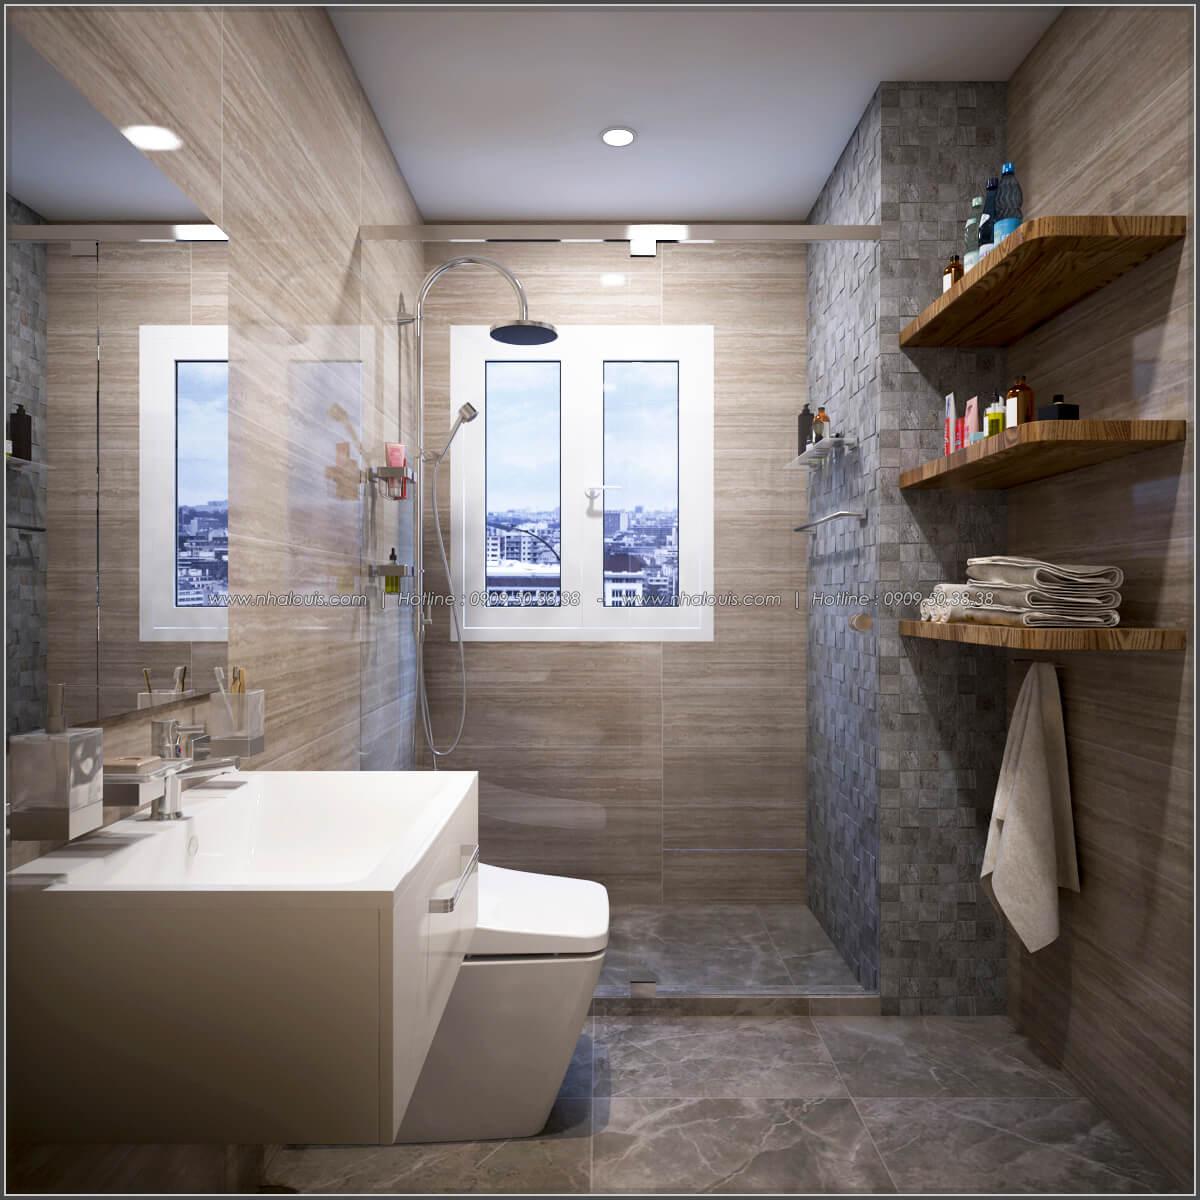 Phòng tắm + WC Thiết kế căn hộ chung cư 3 phòng ngủ Happy Valley quận 7 - 16